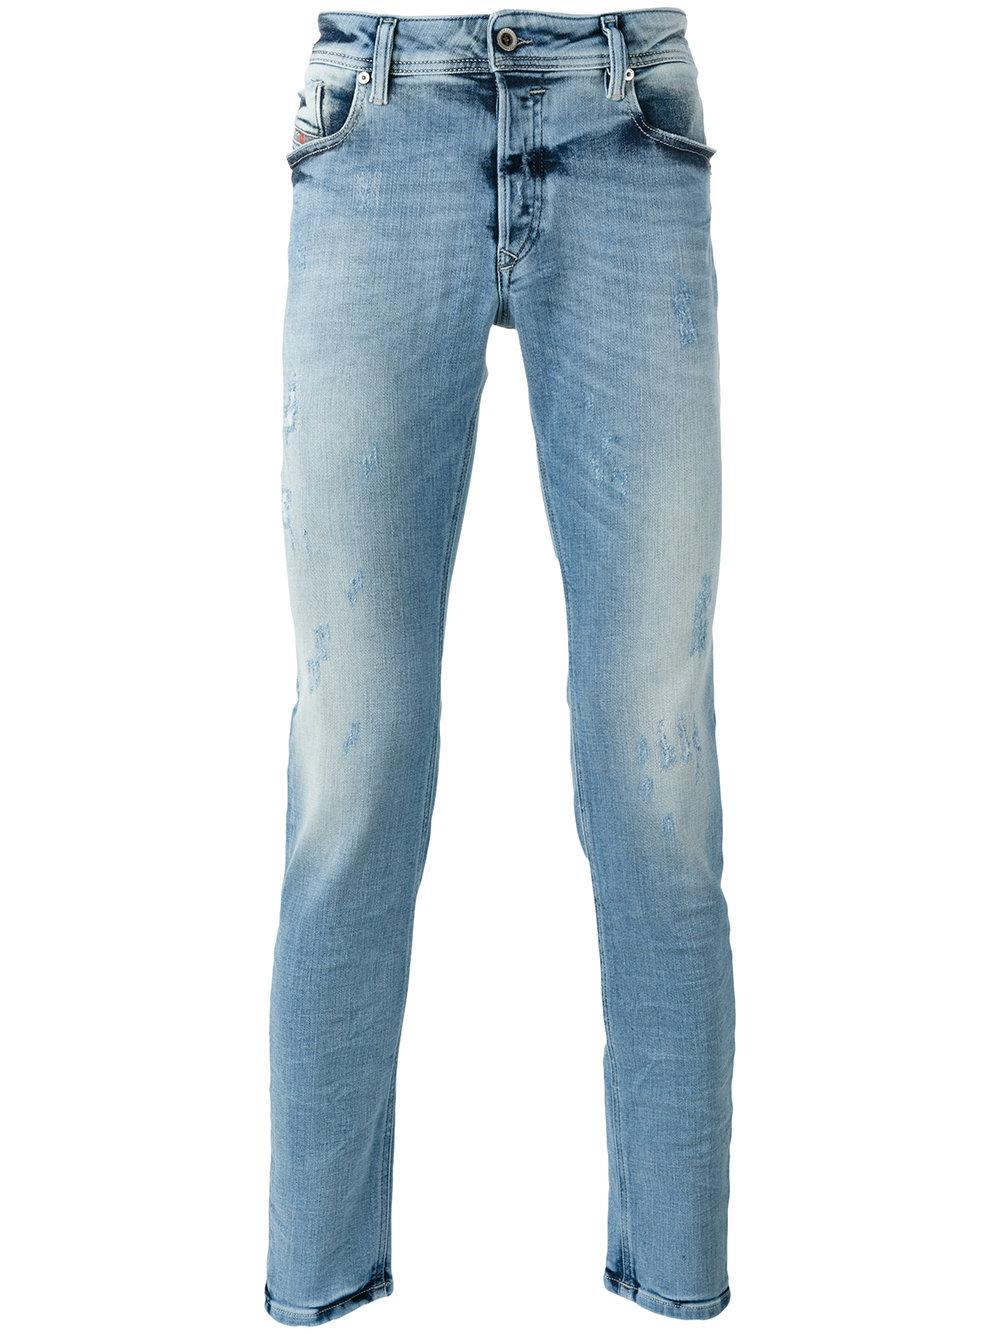 diesel shredded trim jeans men cotton polyester spandex elastane 29 32 in blue for men. Black Bedroom Furniture Sets. Home Design Ideas